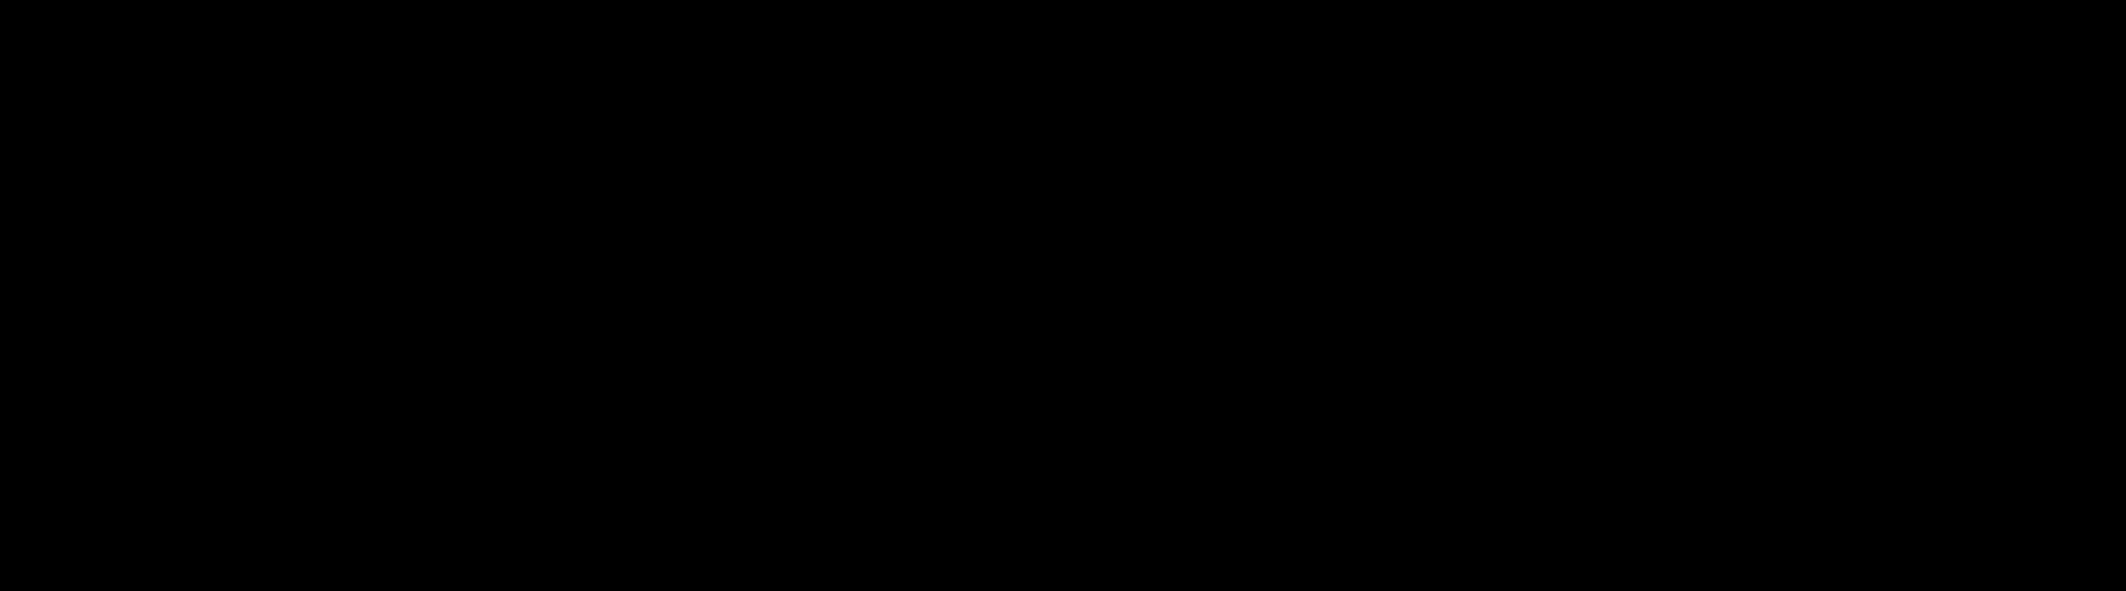 AT250B